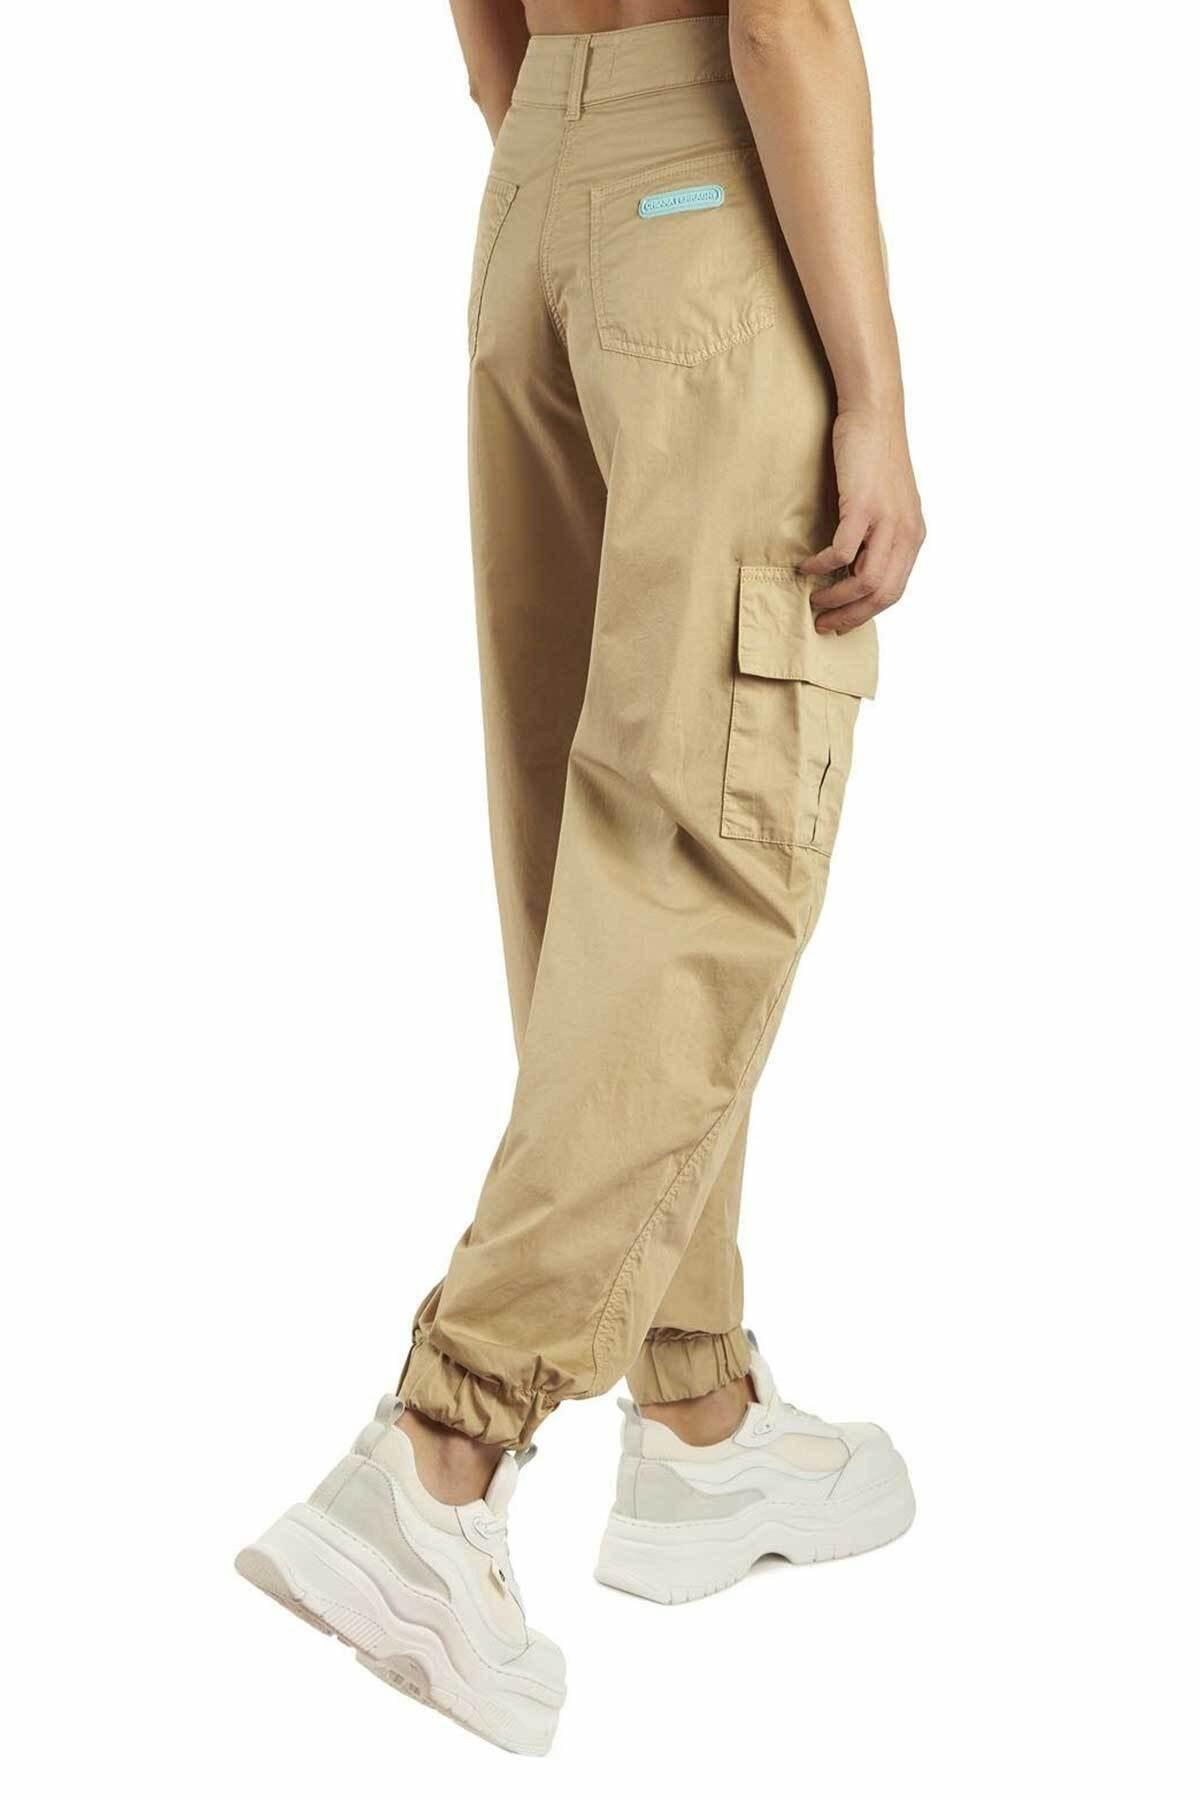 CHIARA FERRAGNI Kargo Pantolon 2